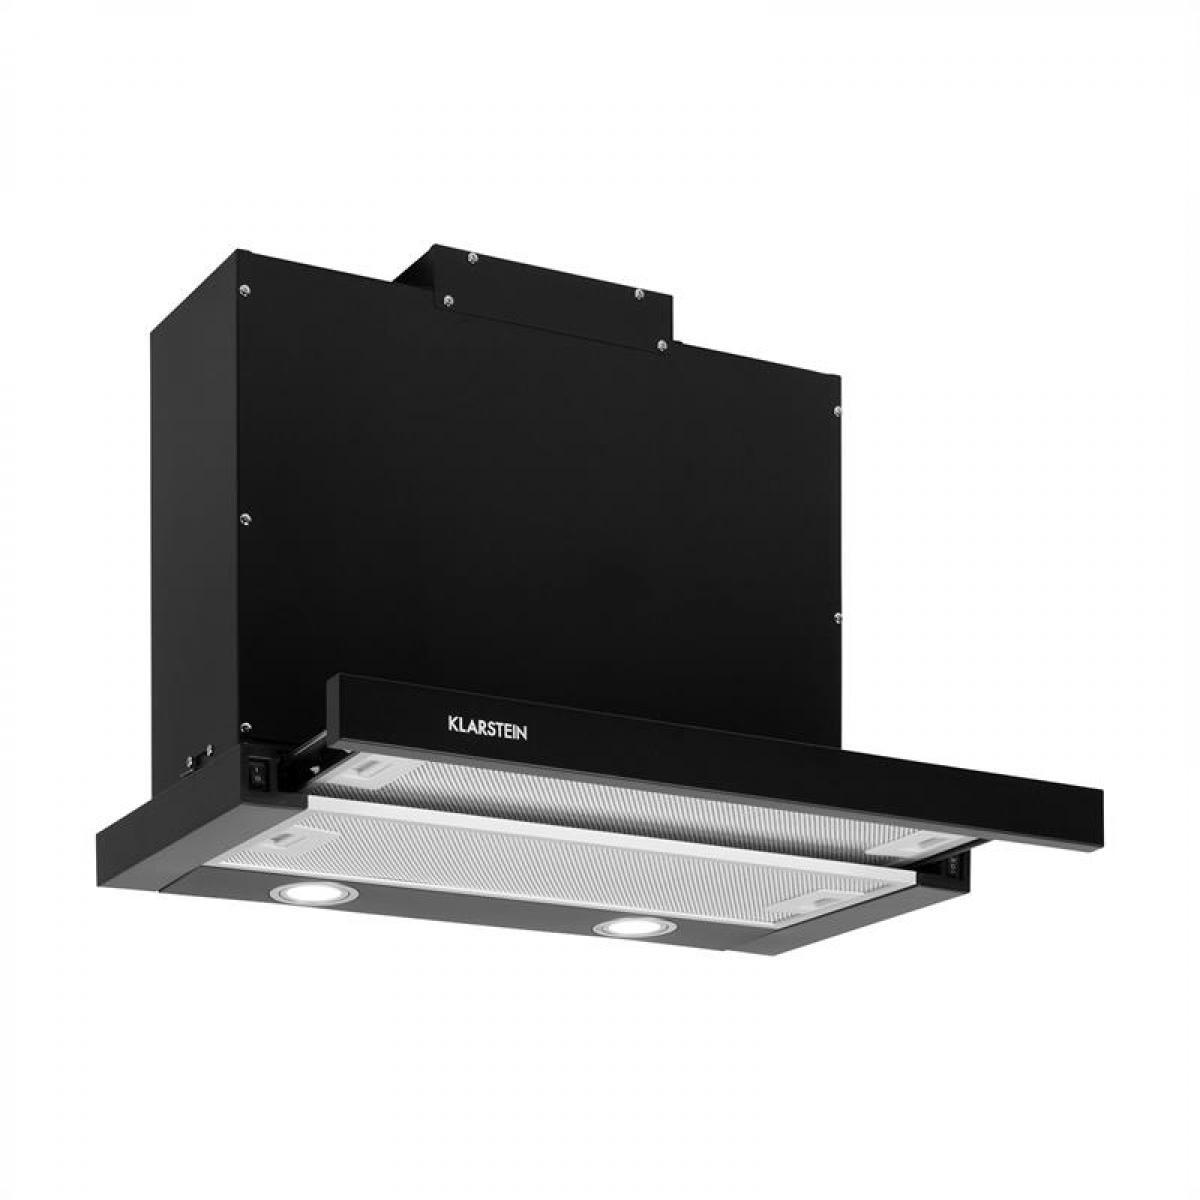 Klarstein Klarstein Mariana 60 Hotte escamotable 60 cm 500 m³/h éclairage LED Klarstein